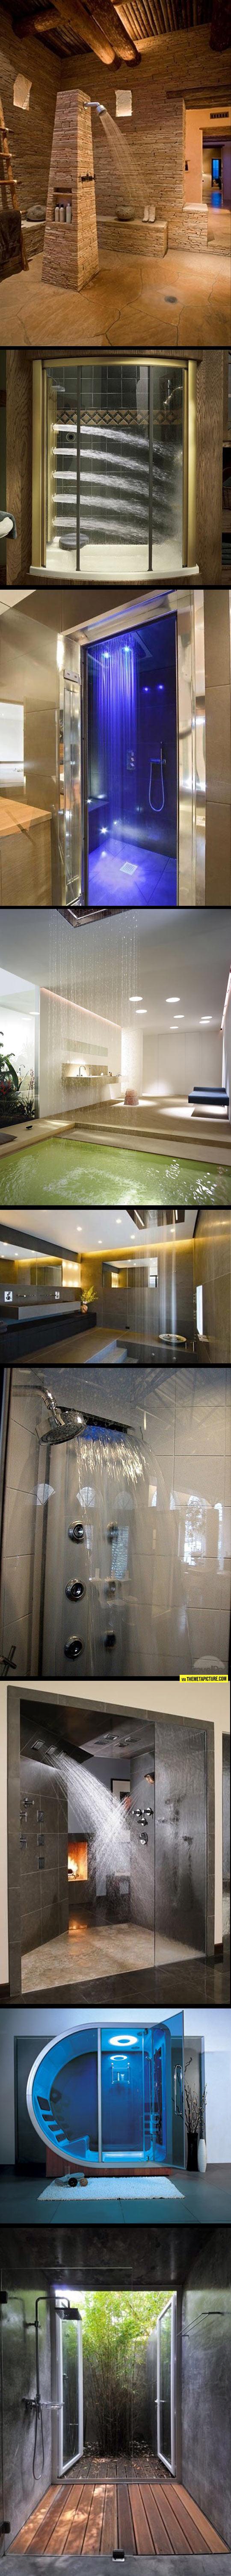 interior-design-different-types-shower